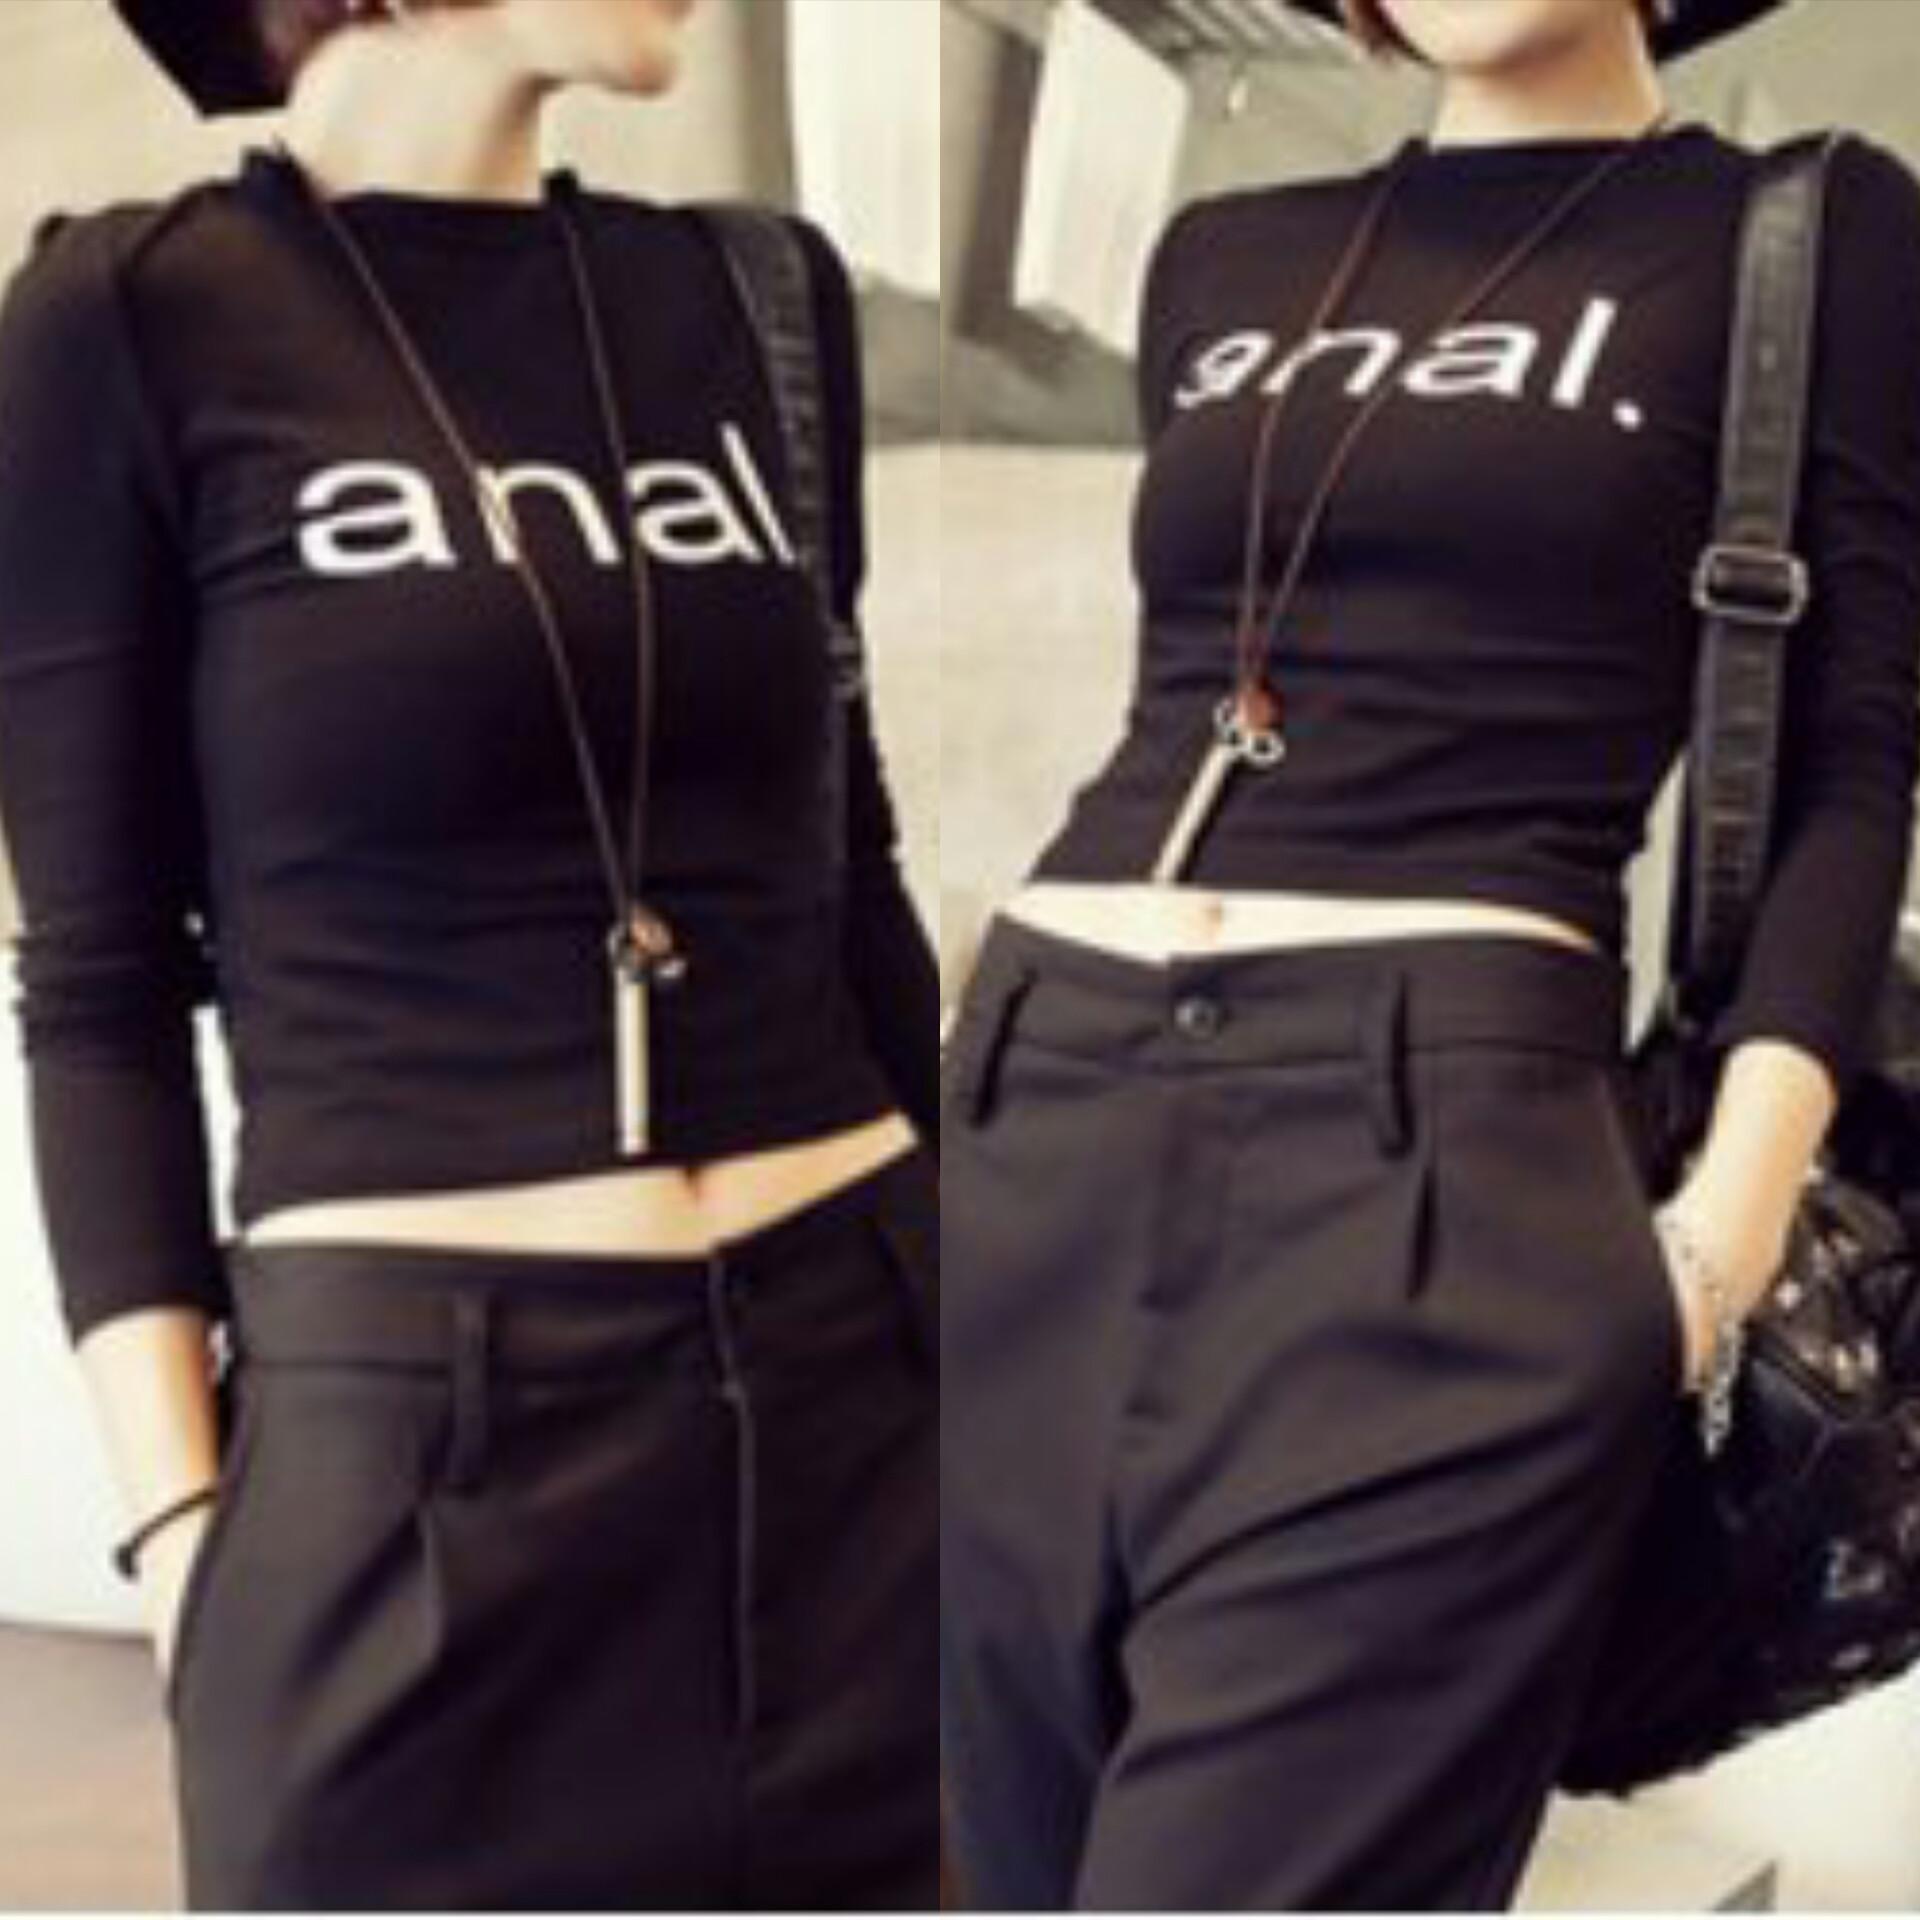 Anal fashion